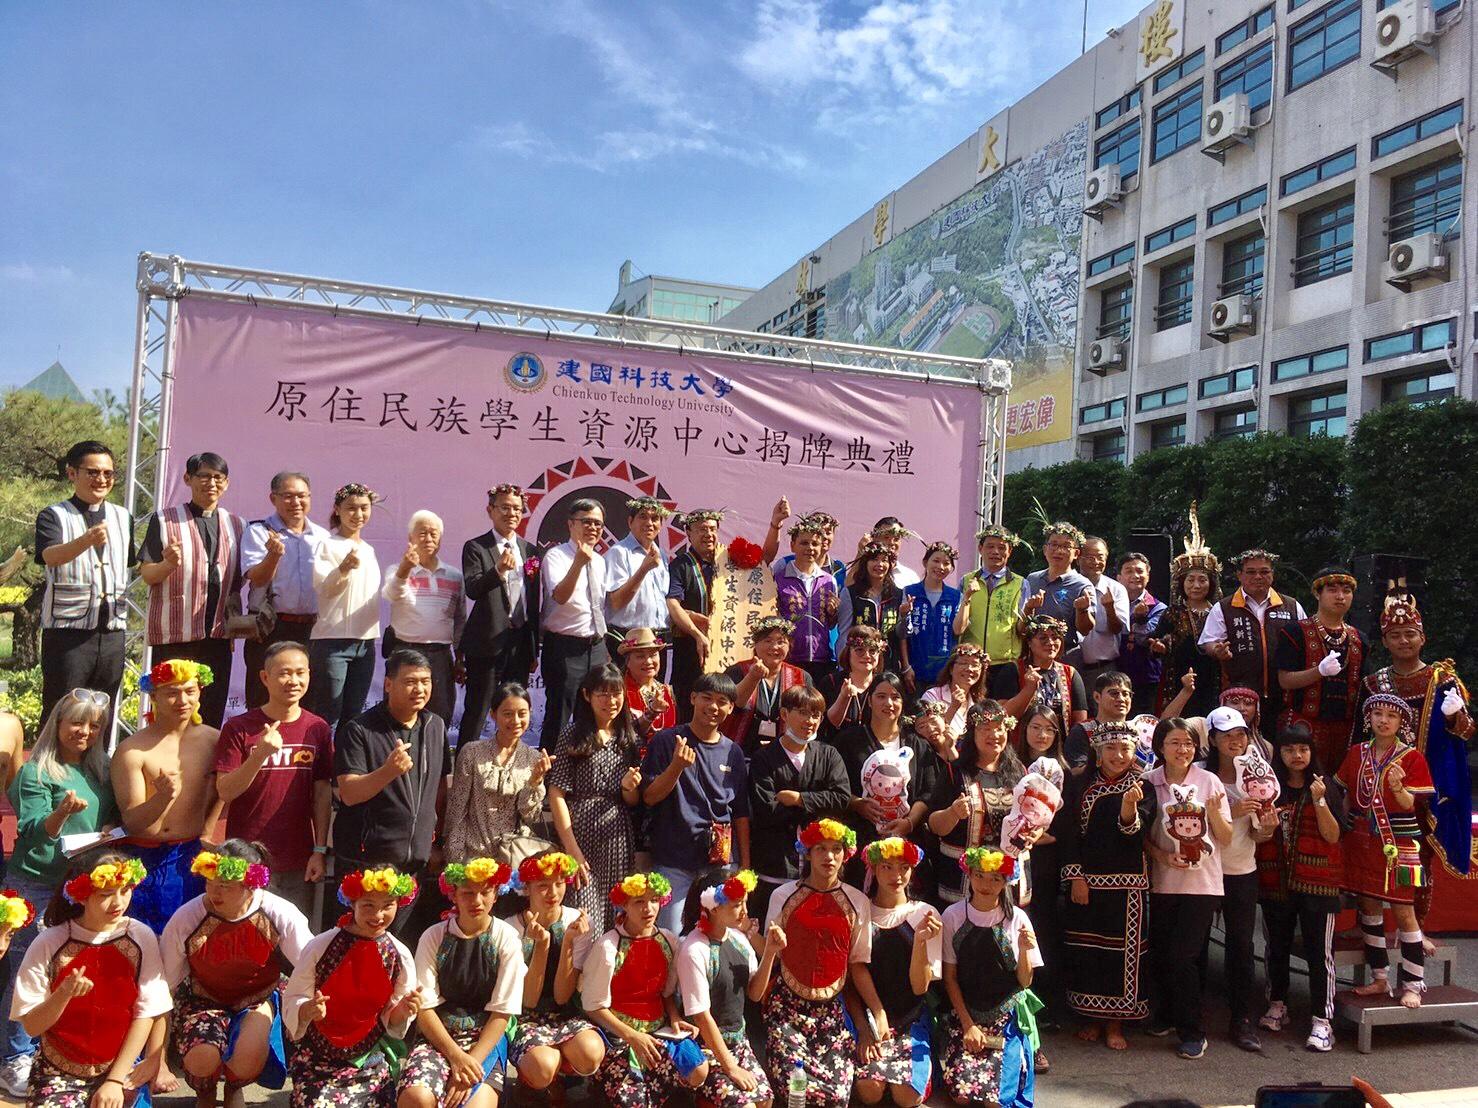 建國科大原住民族學生資源中心揭牌